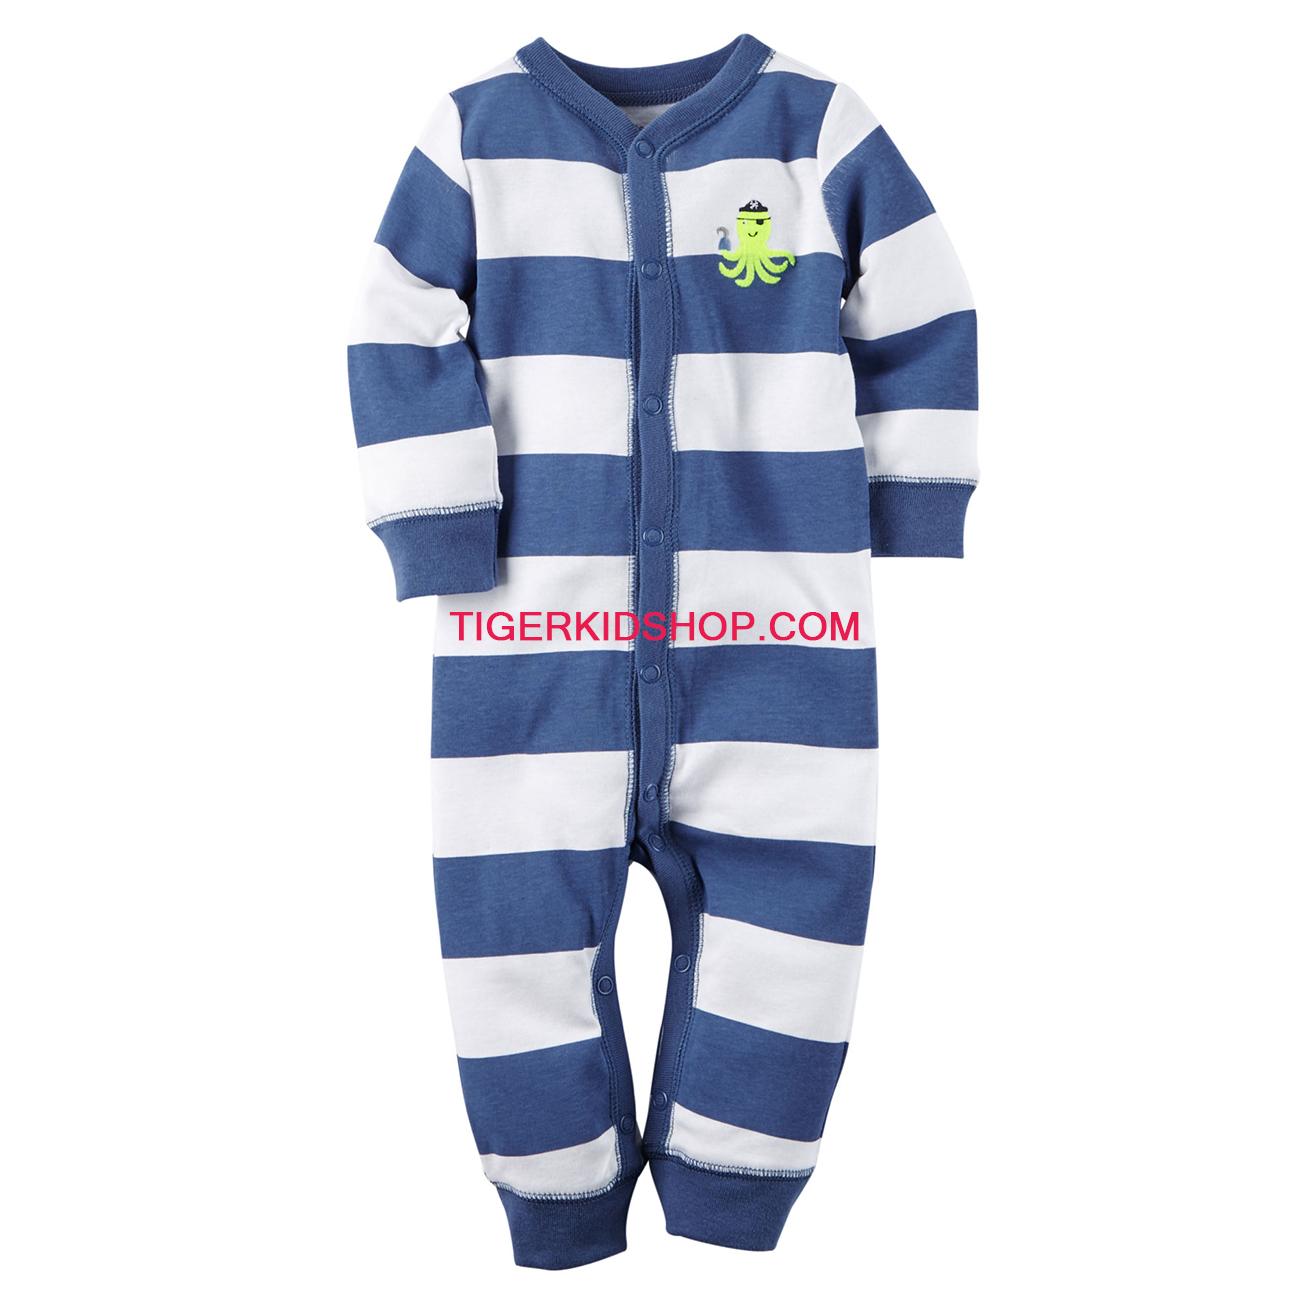 30896893576 7910e85f82 o Sleepsuit nhập Mỹ size 6M;9M